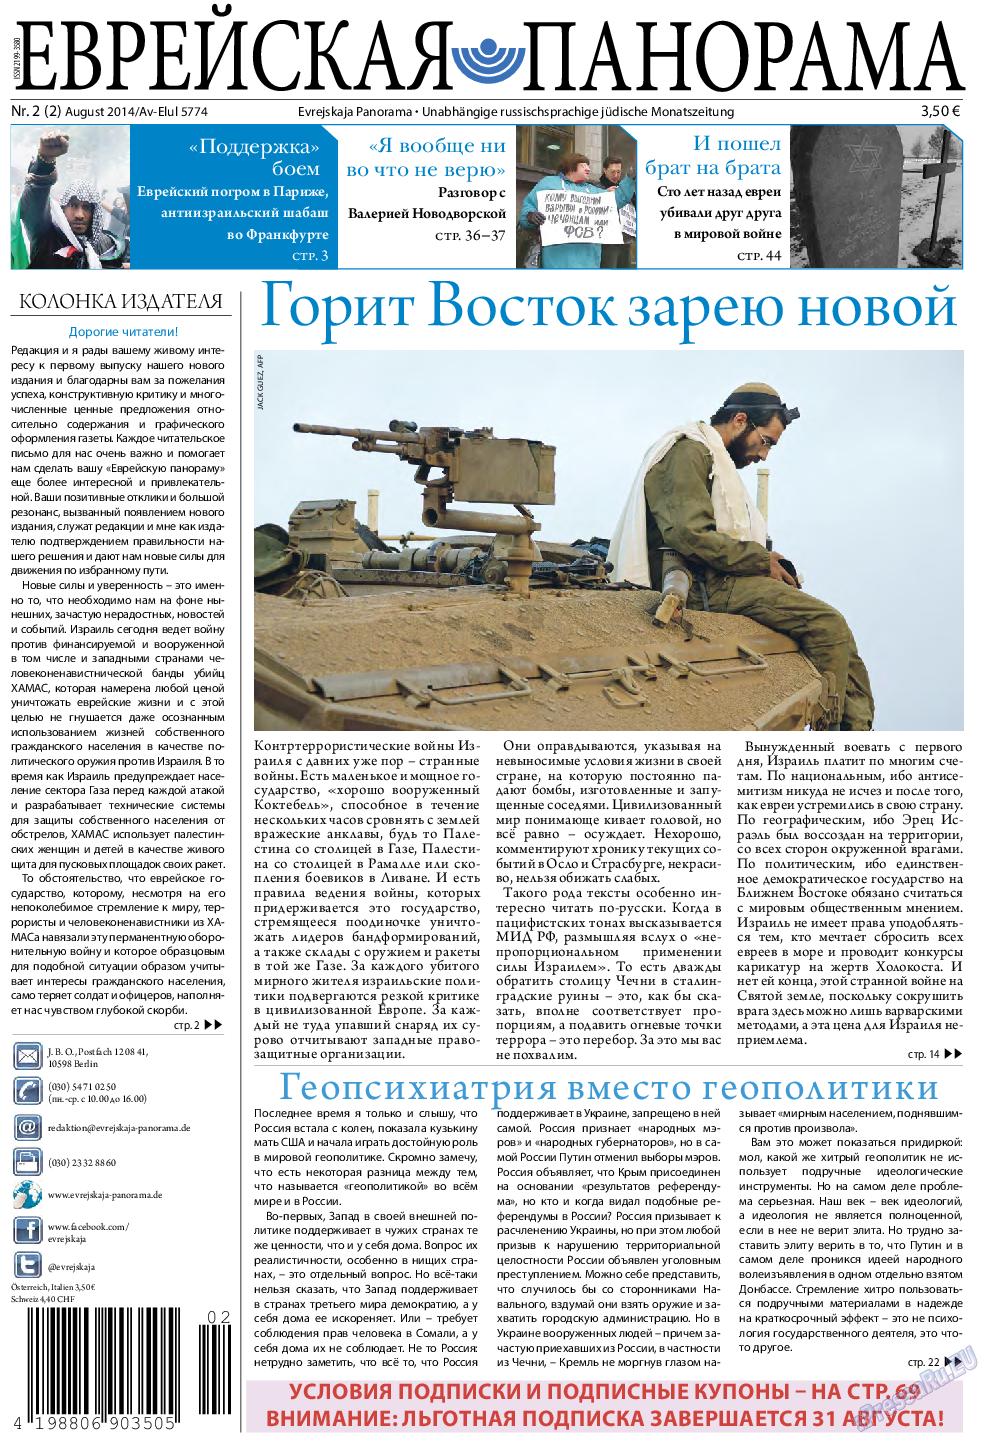 Еврейская панорама (газета). 2014 год, номер 2, стр. 1